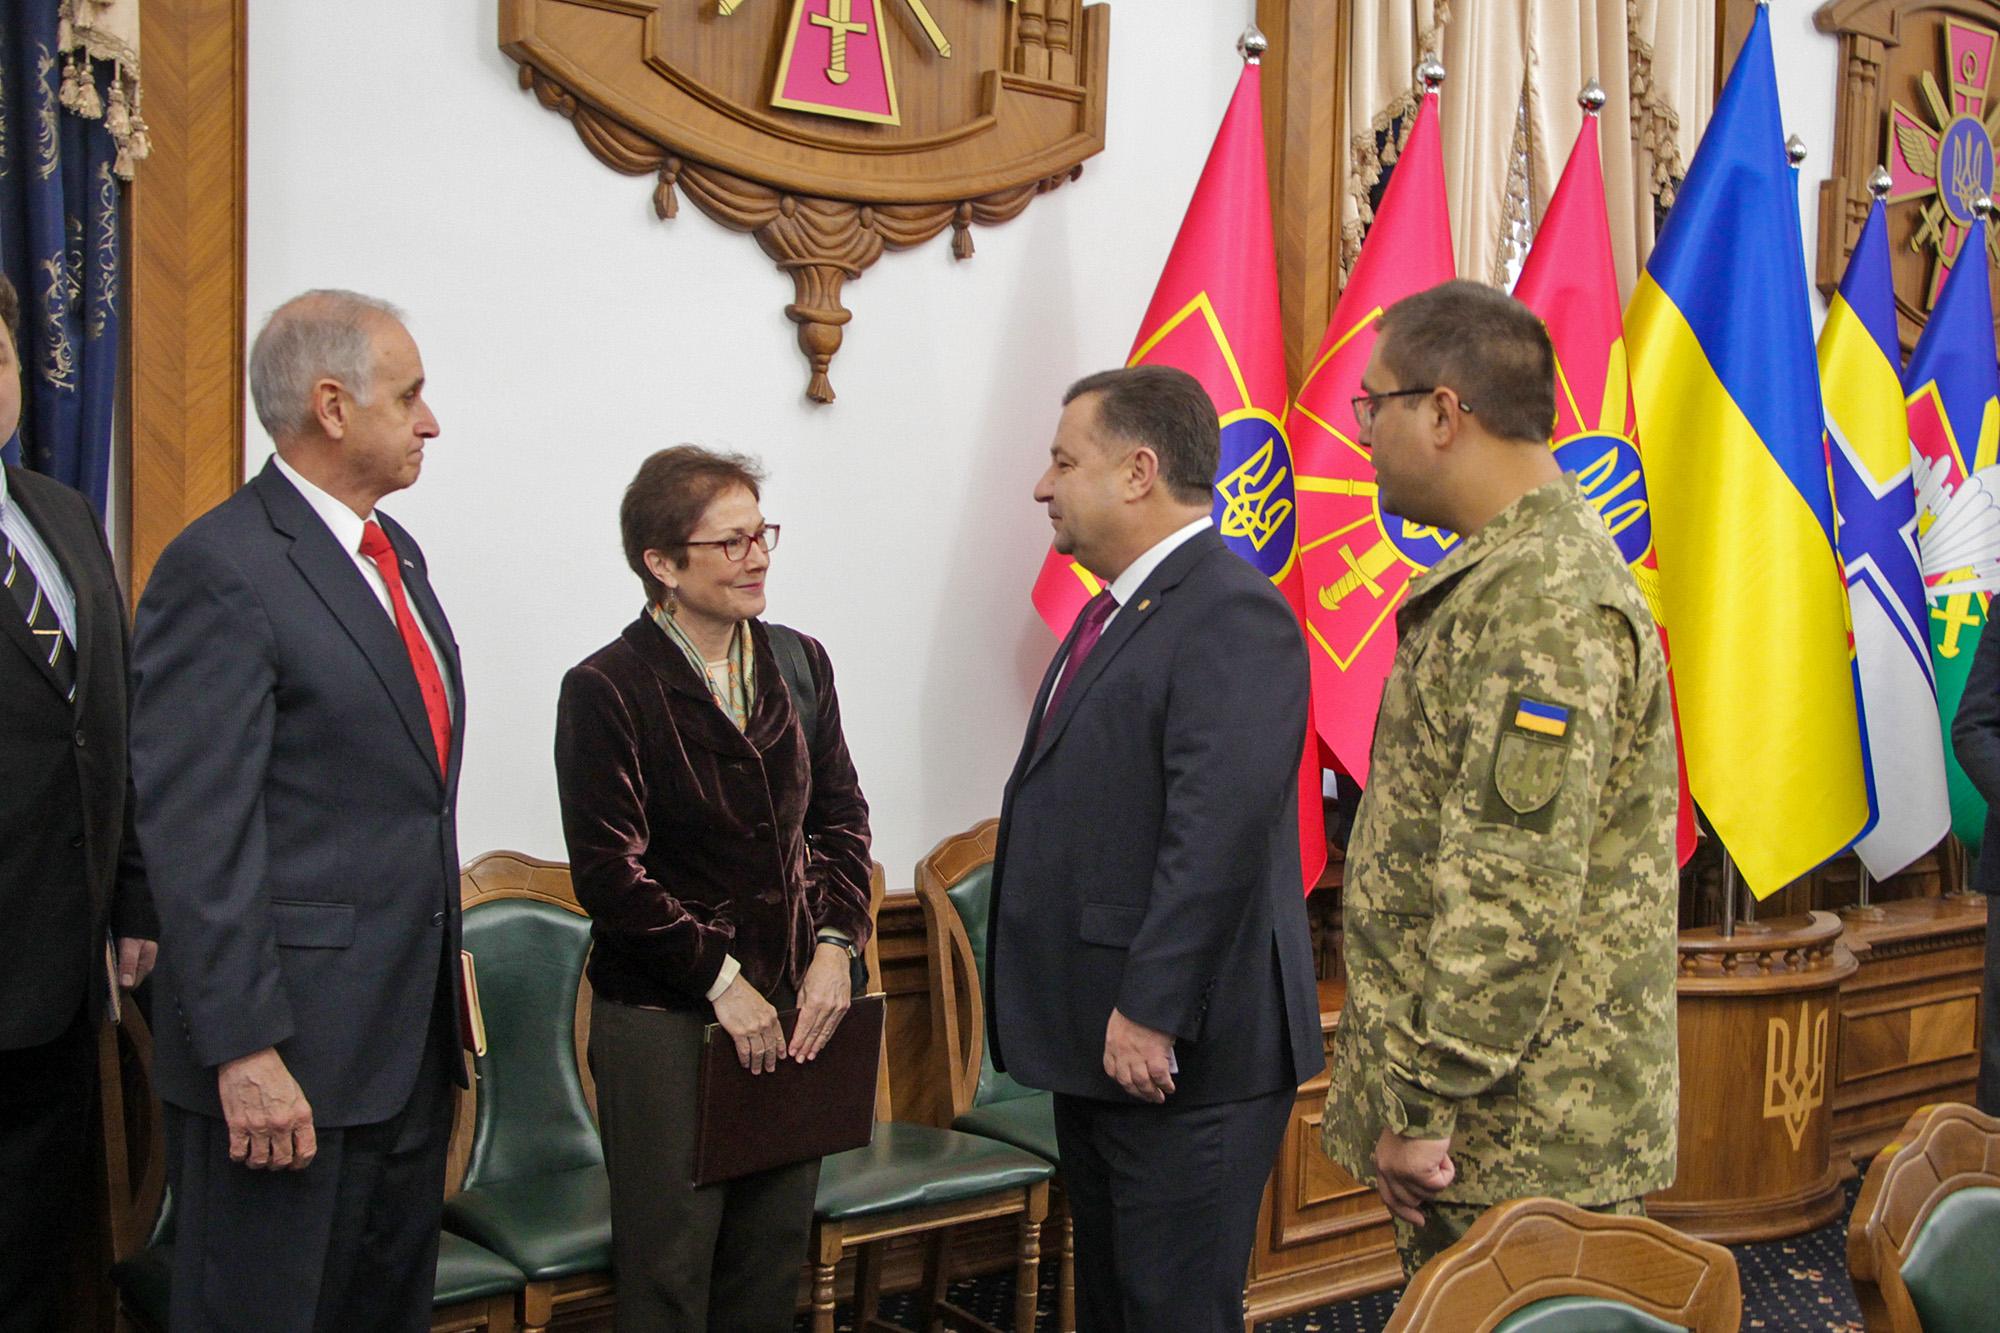 Кит Дейтон, Мари Йованович и Степан Полторак (фото - пресс-служба Минобороны)